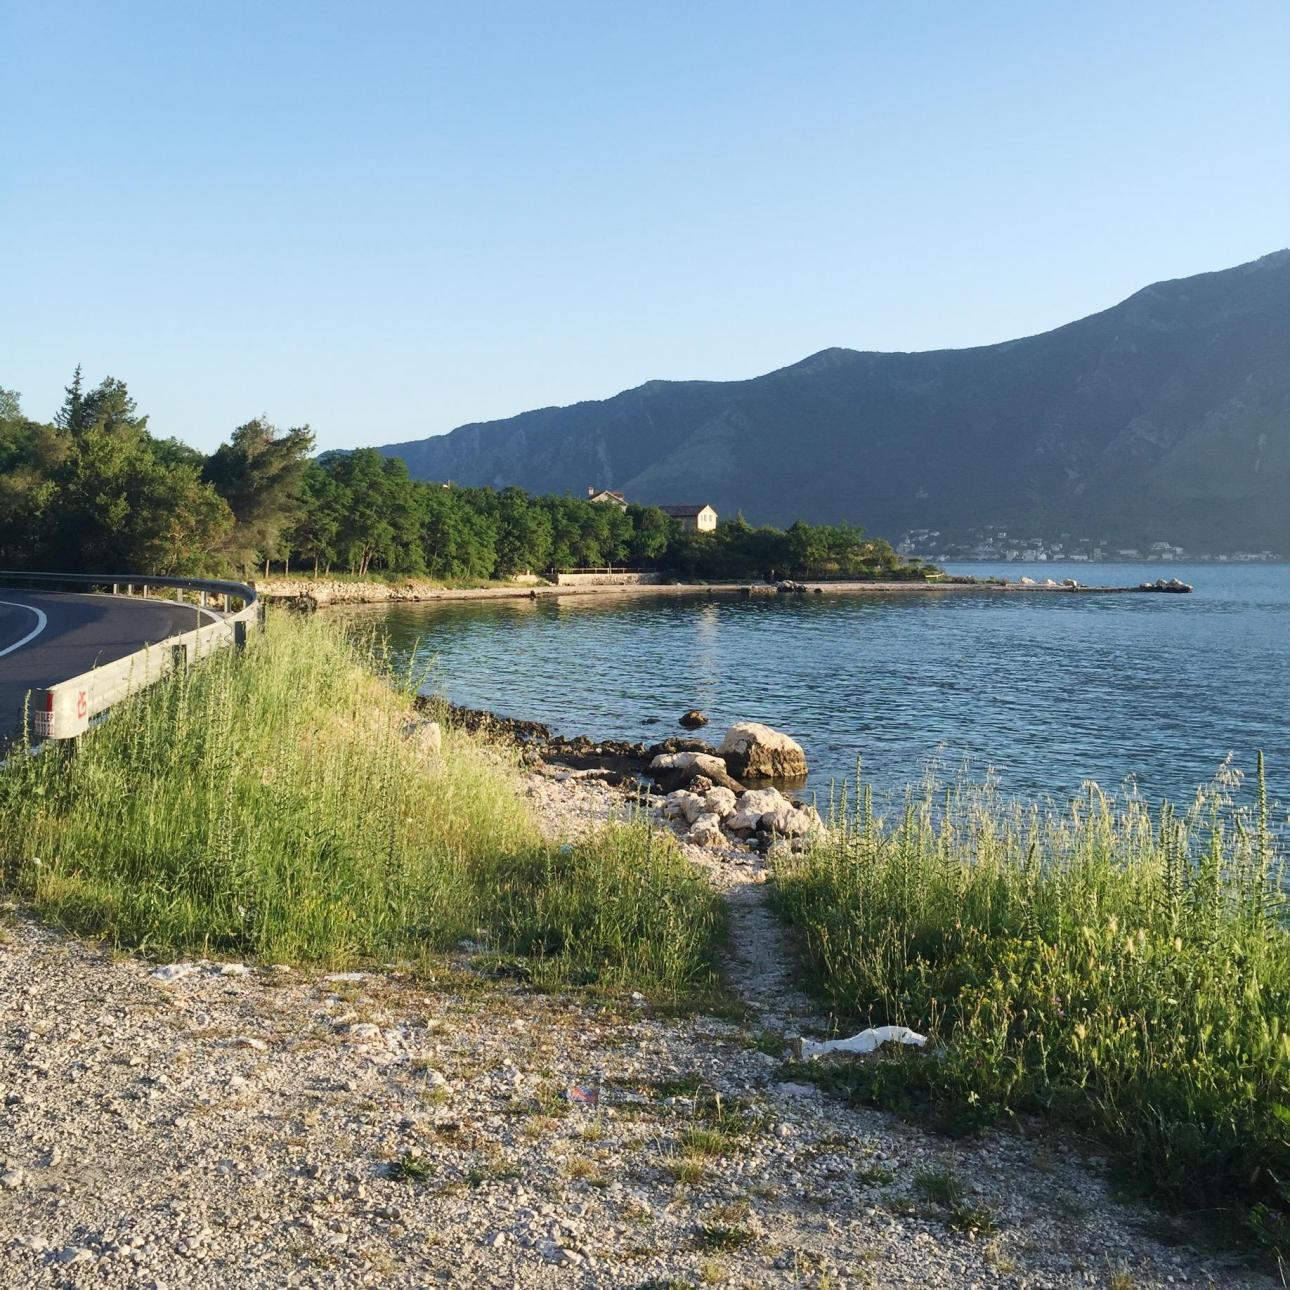 Man ved, man er havnet i Montenegro, når naturen er noget af det smukkeste, man har set!